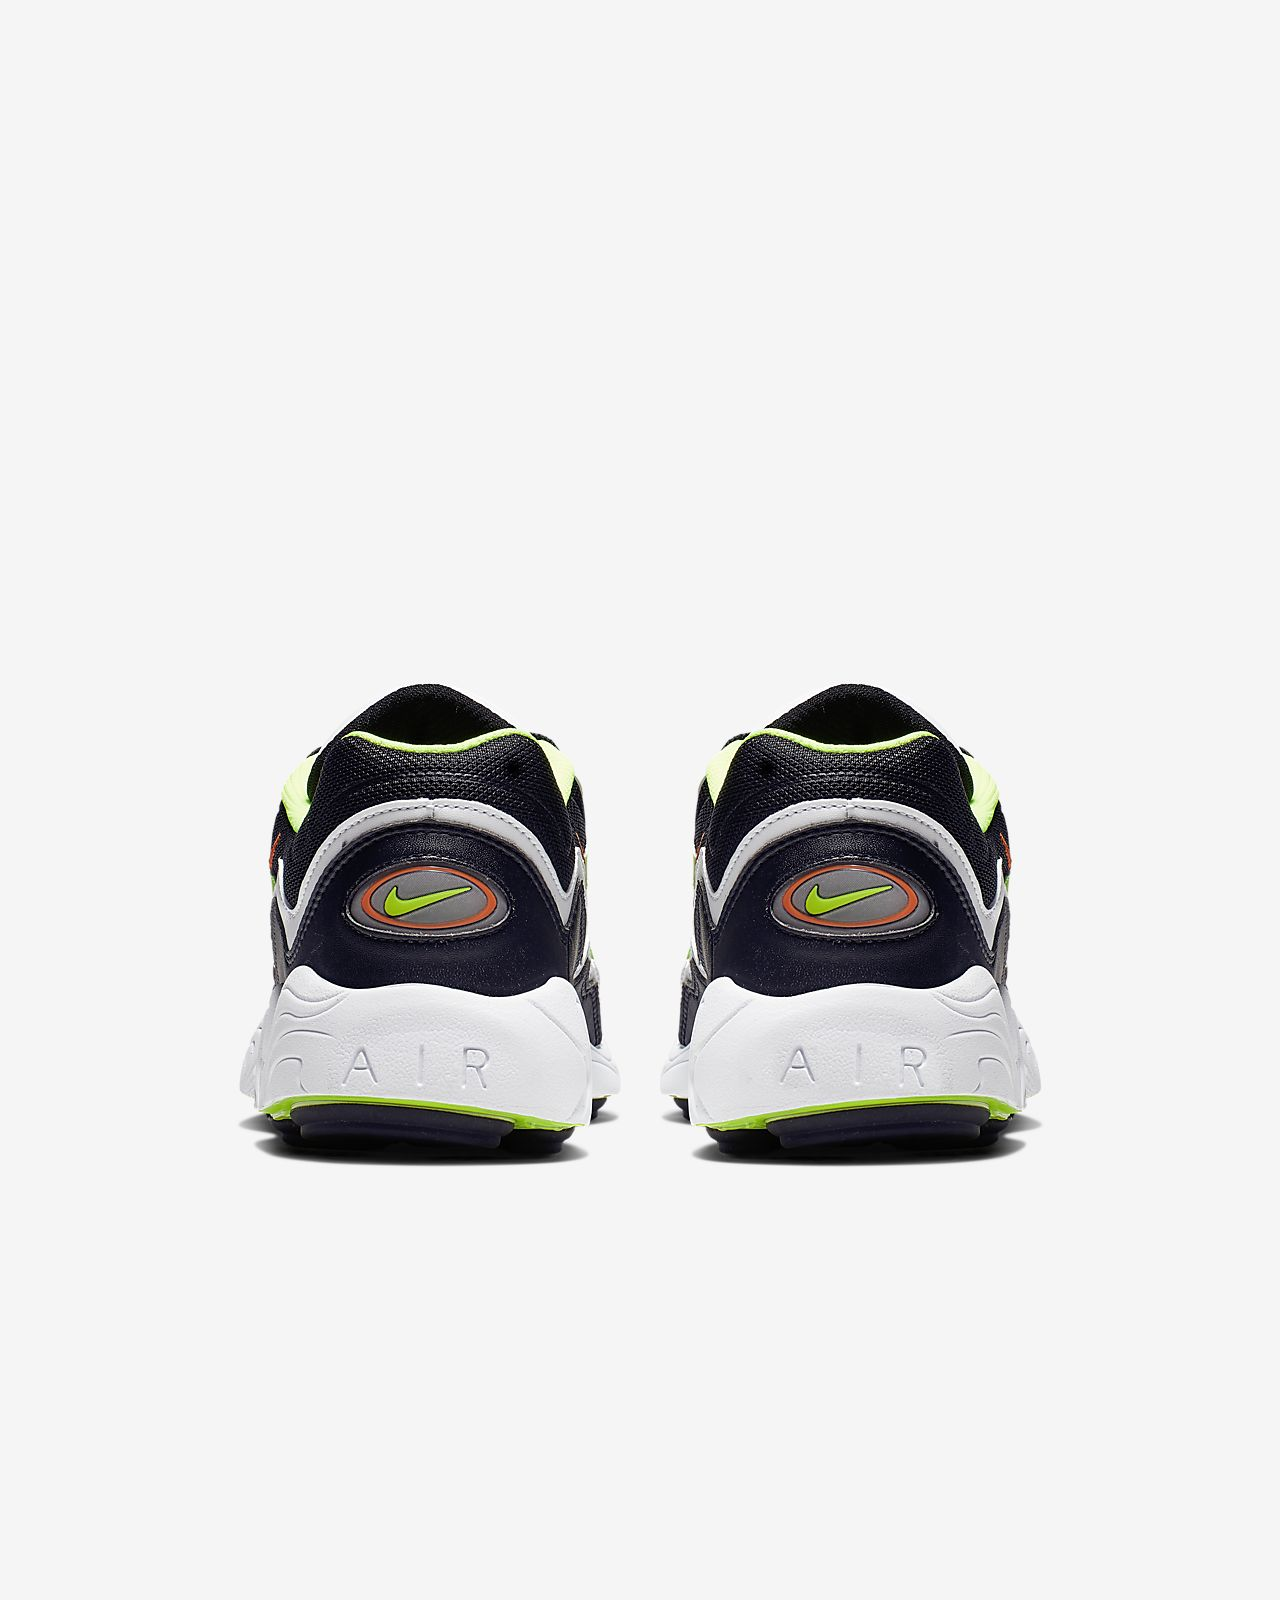 0d24e2f0d9d Sapatilhas Nike Air Zoom Alpha para homem. Nike.com PT